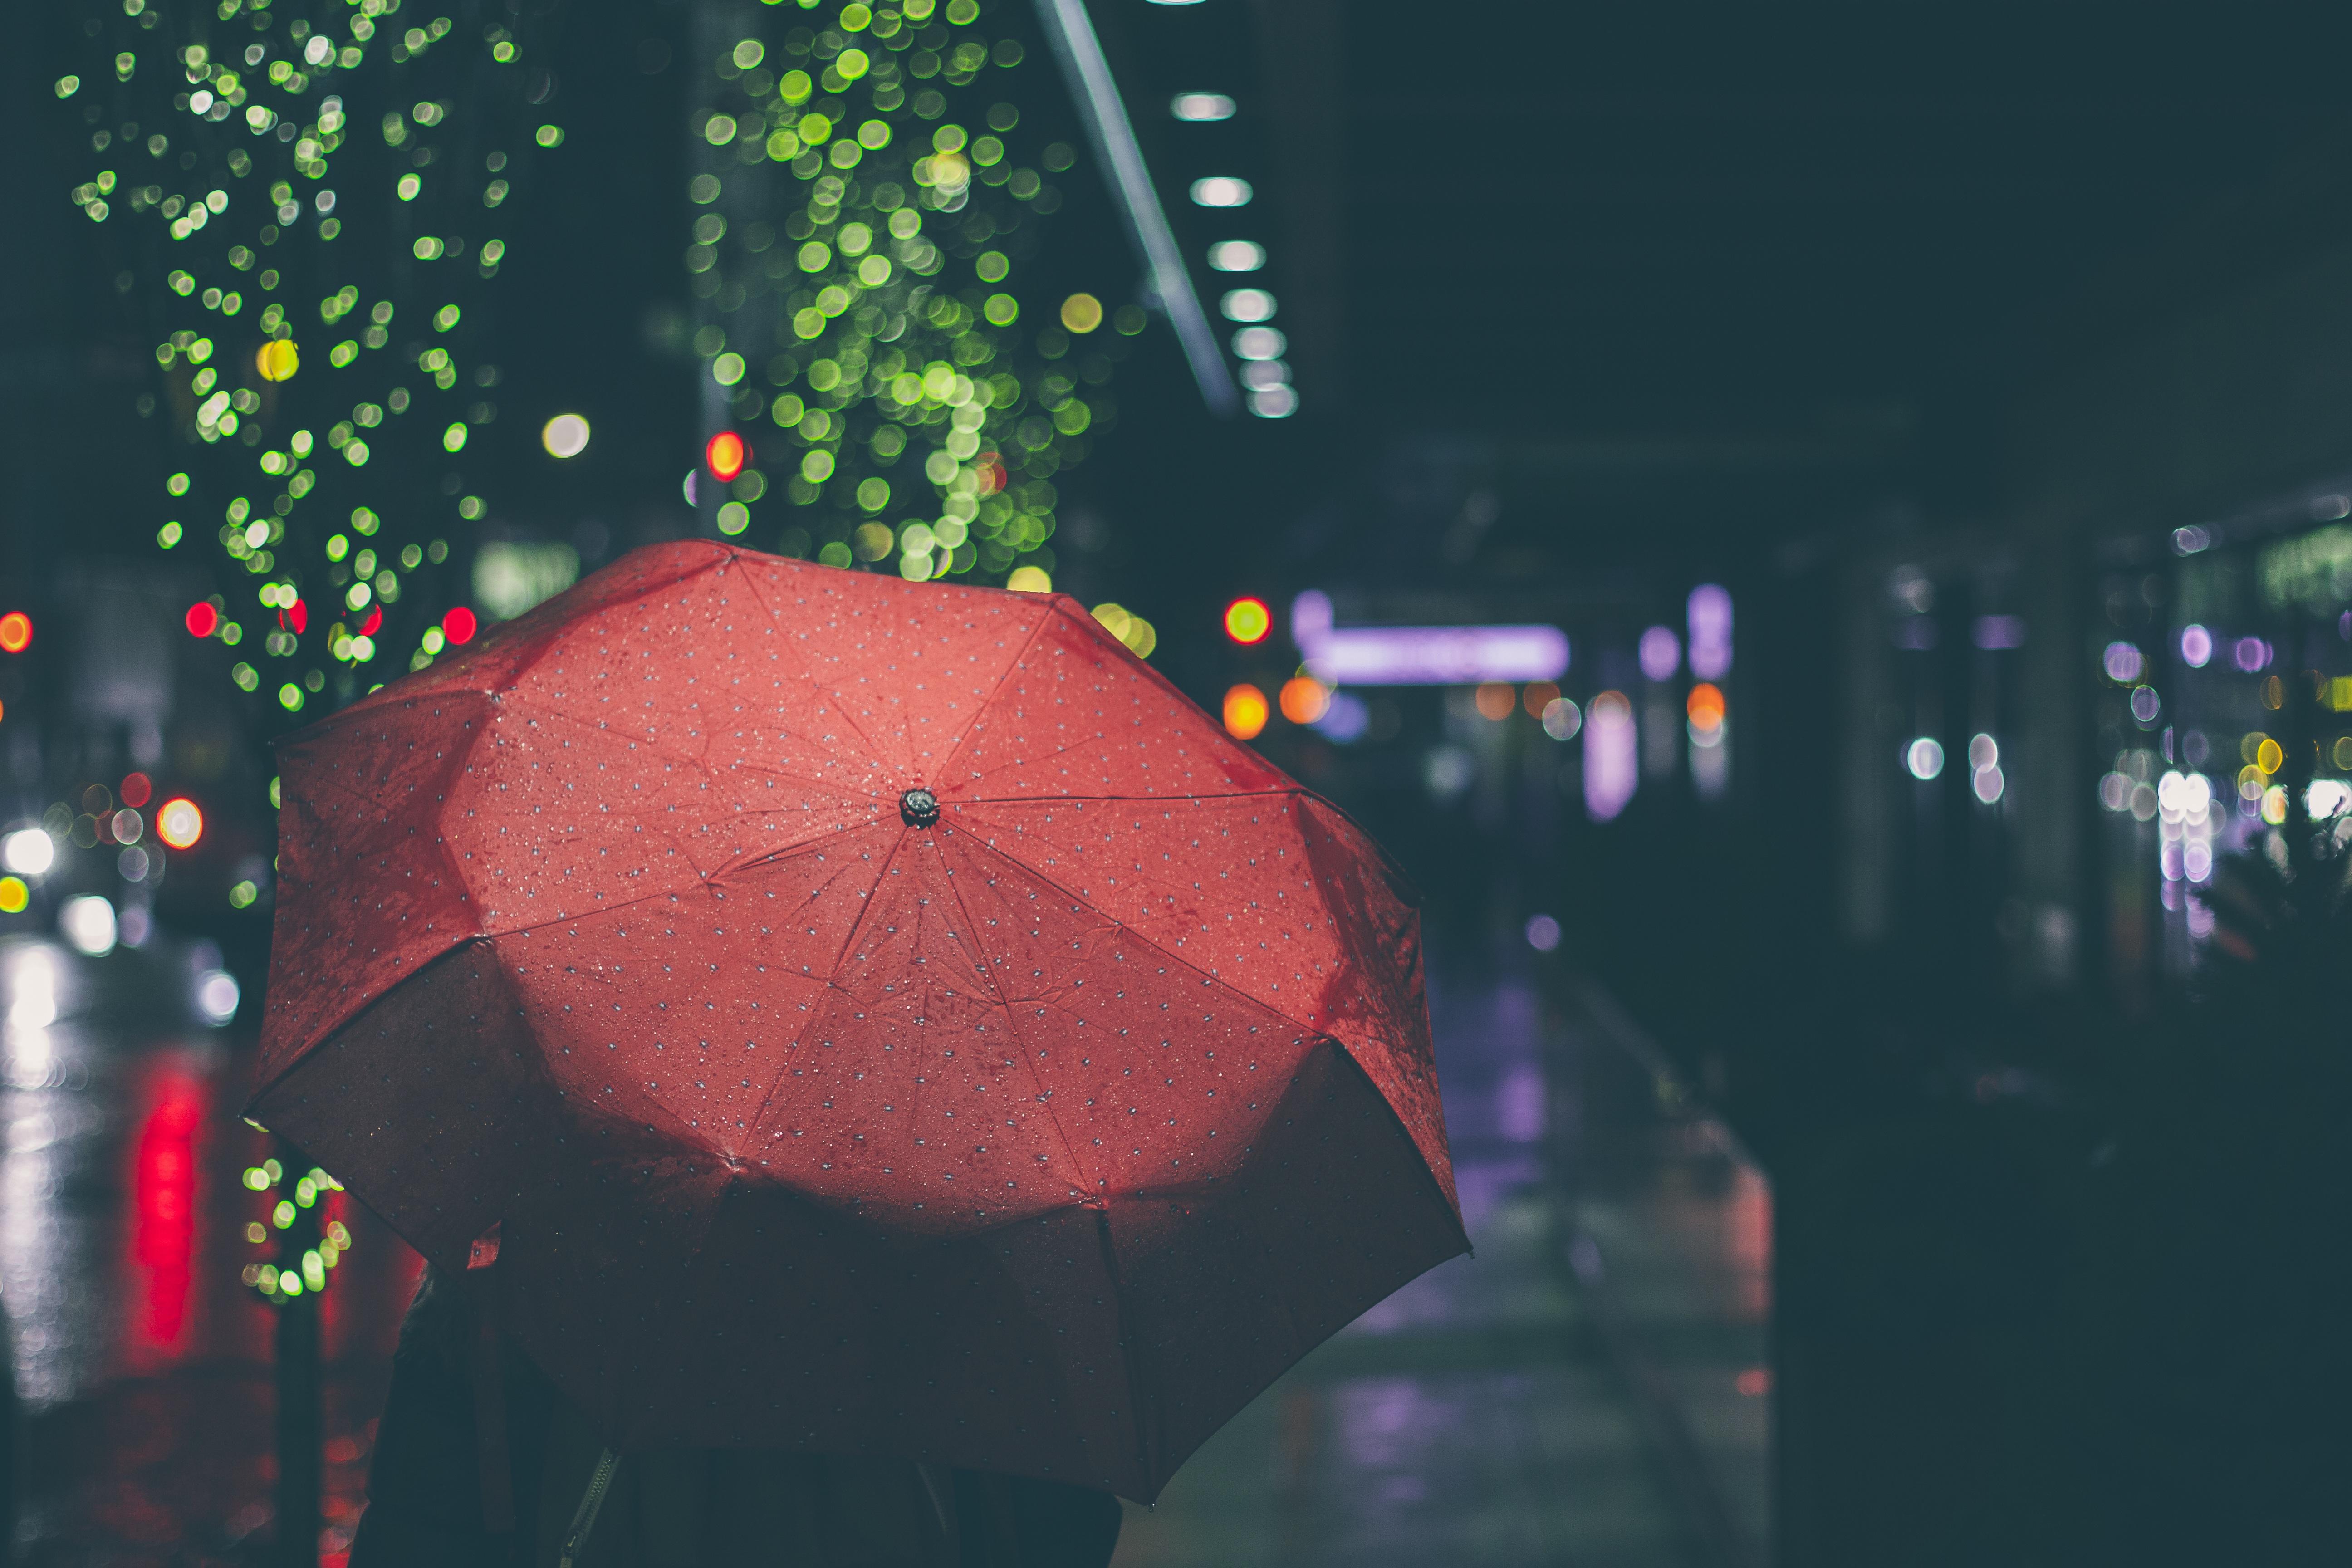 How to enjoy a trip despite the rain